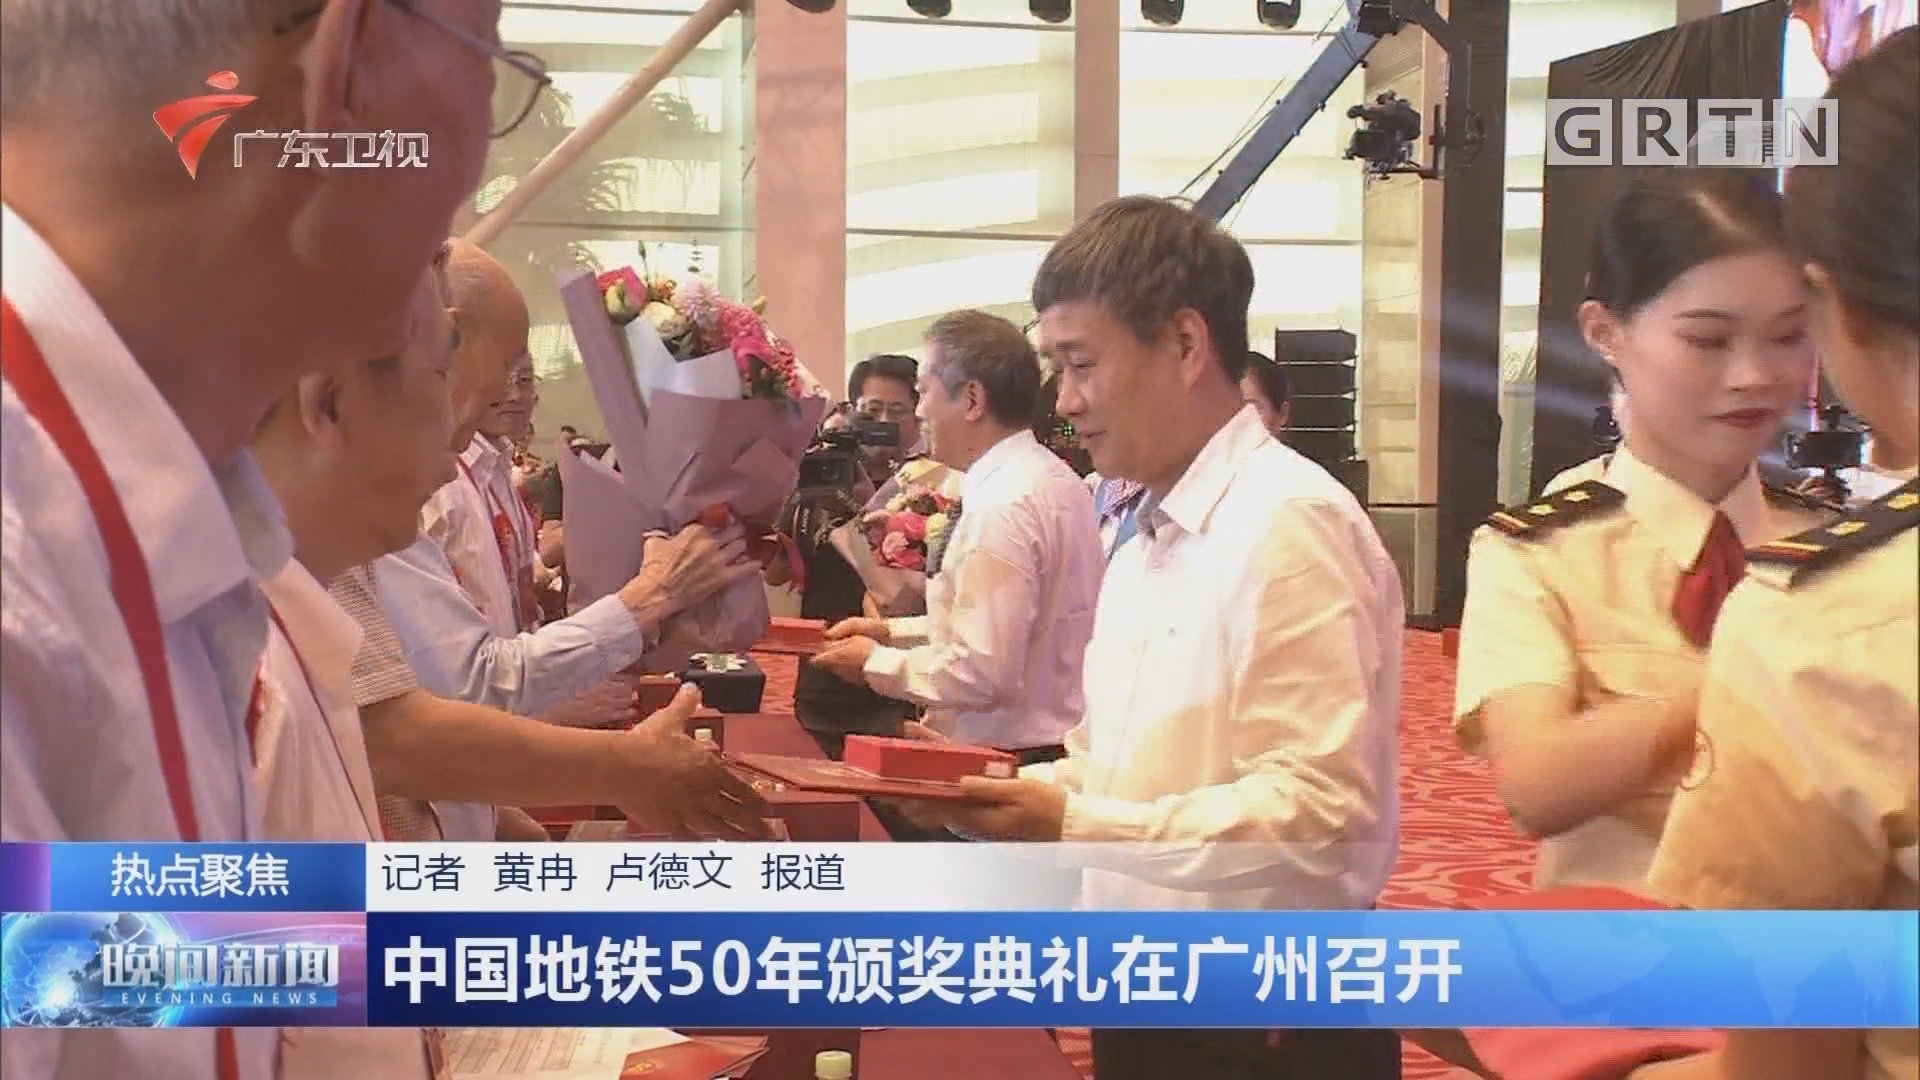 中國地鐵50年頒獎典禮在廣州召開